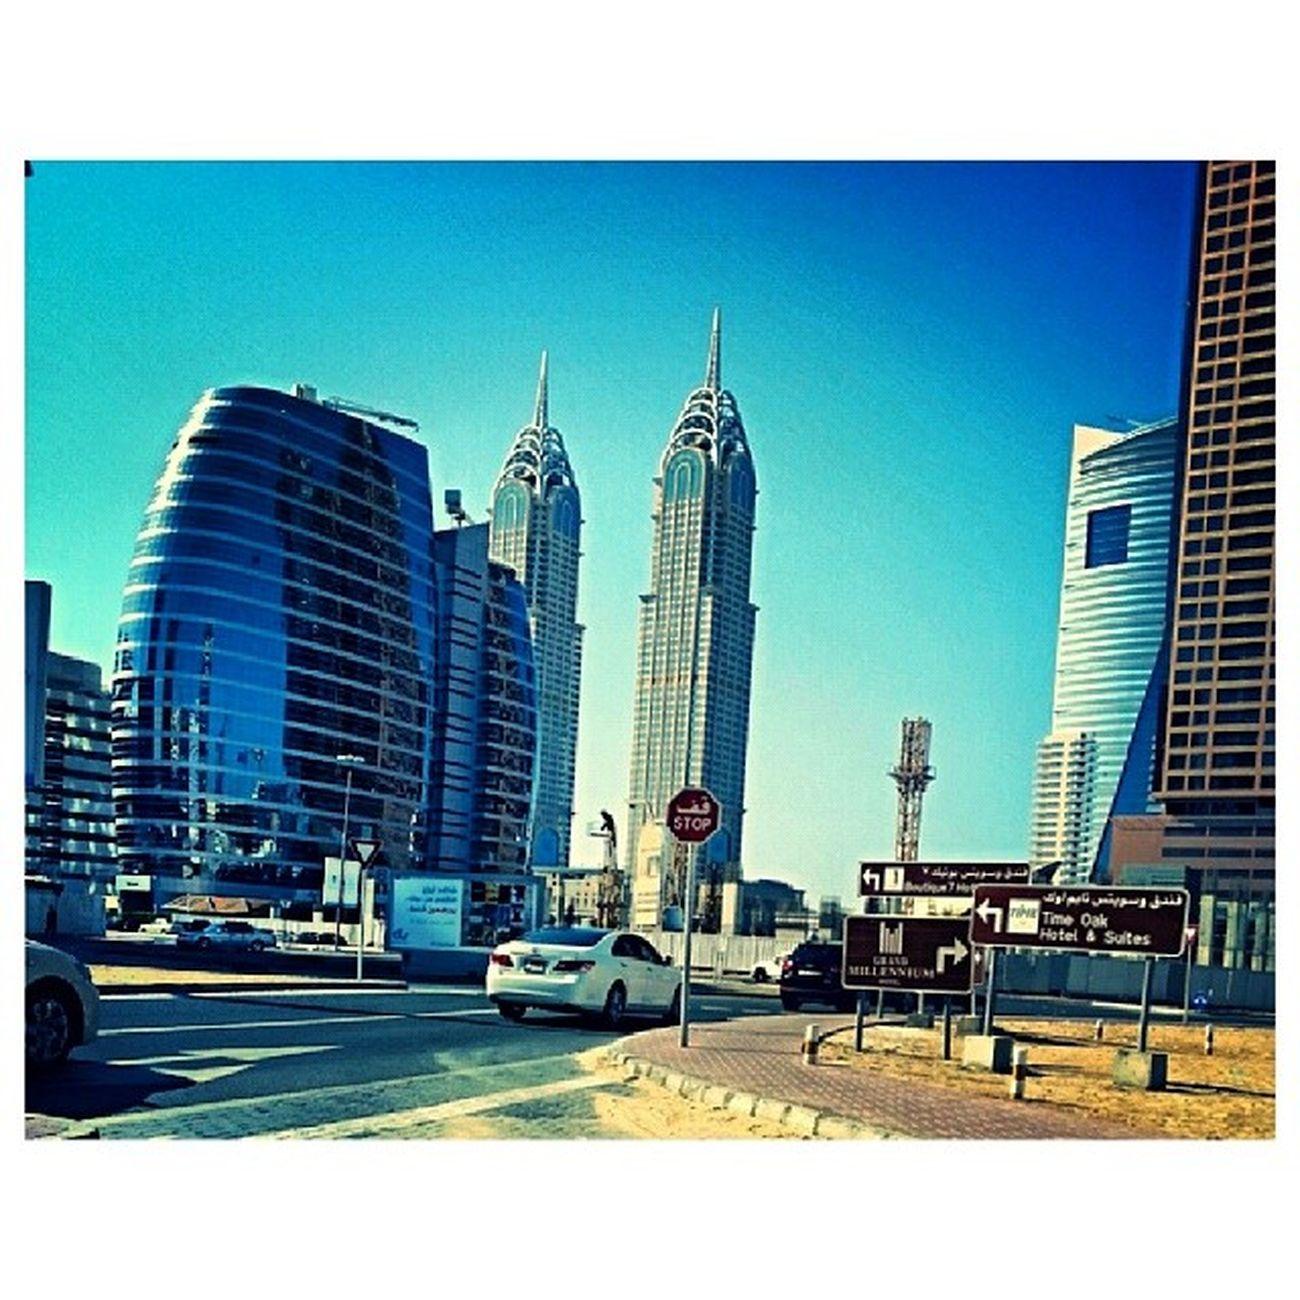 Tecom!! Tecom Dubaiinternetcity Twintowers Dubai uae middleeast expo2020dubaiUAE